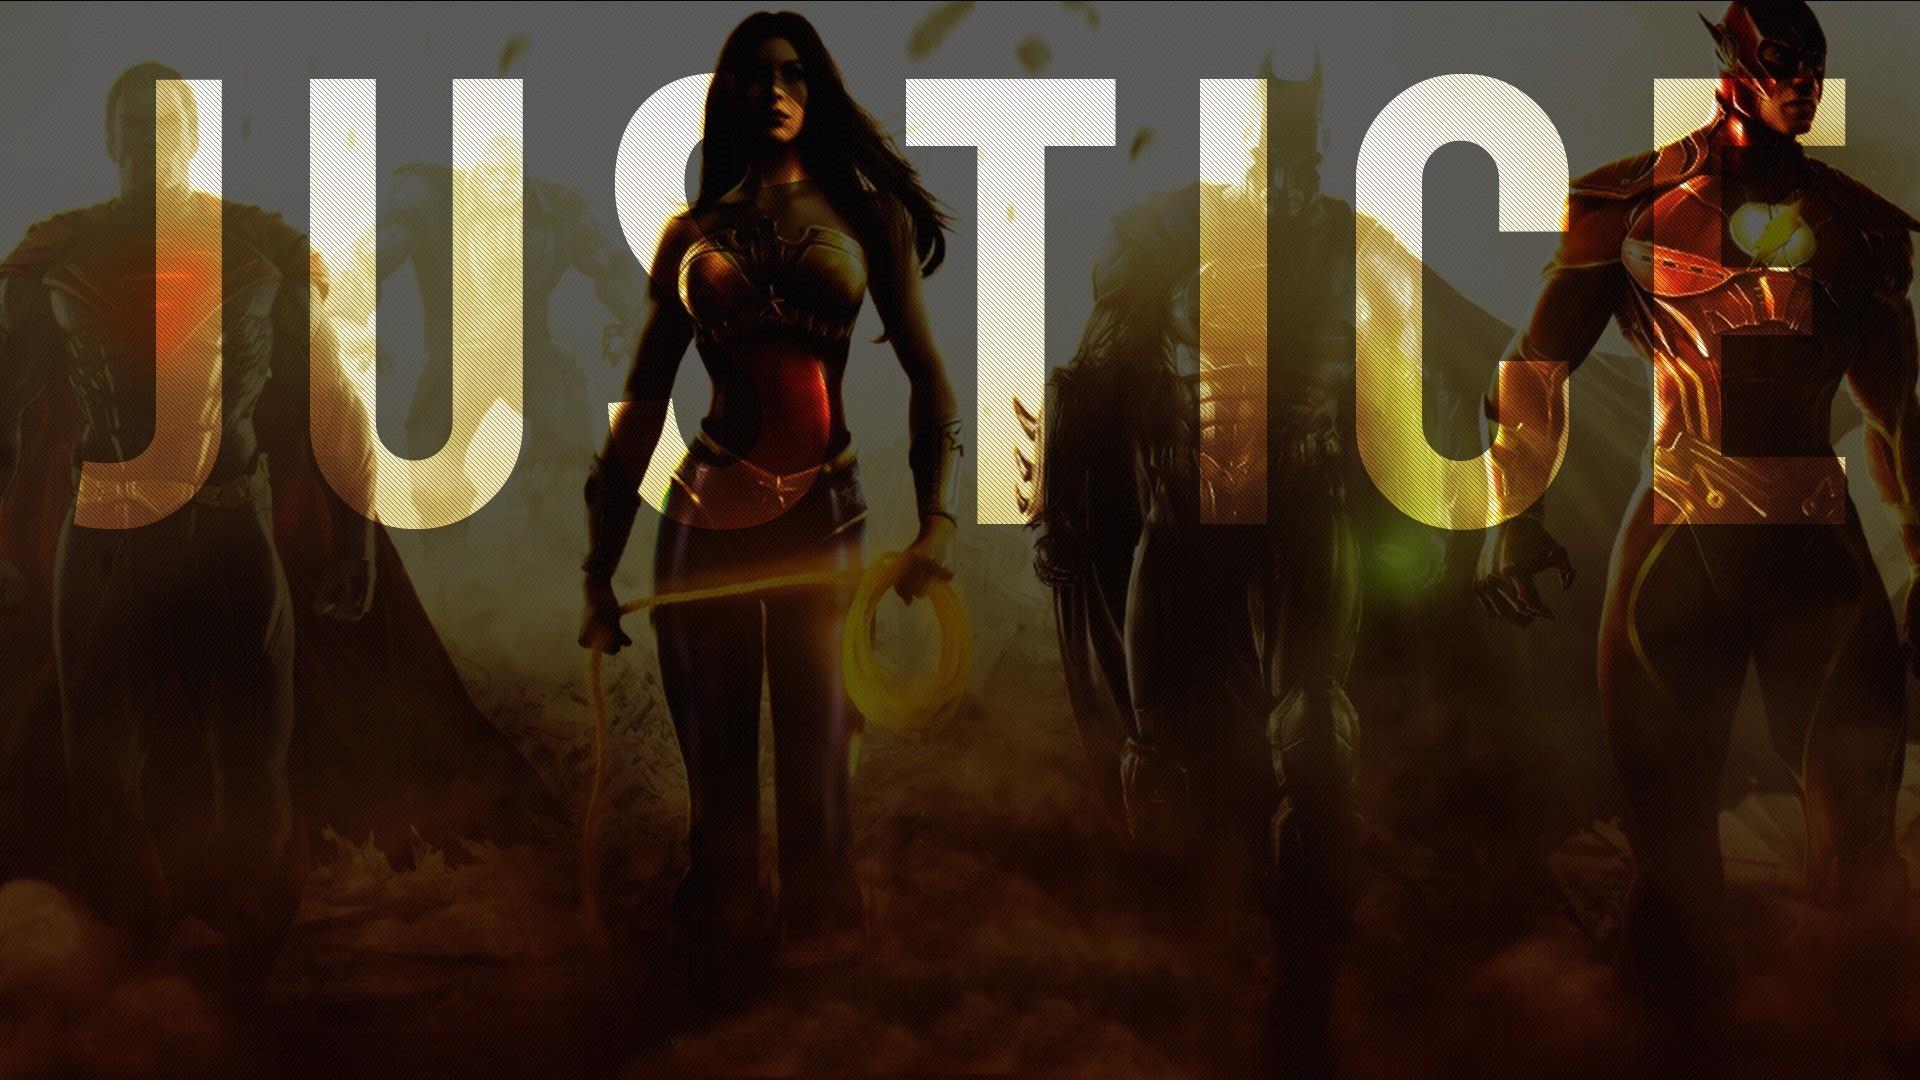 justice league wallpaper hd wallpapersafari